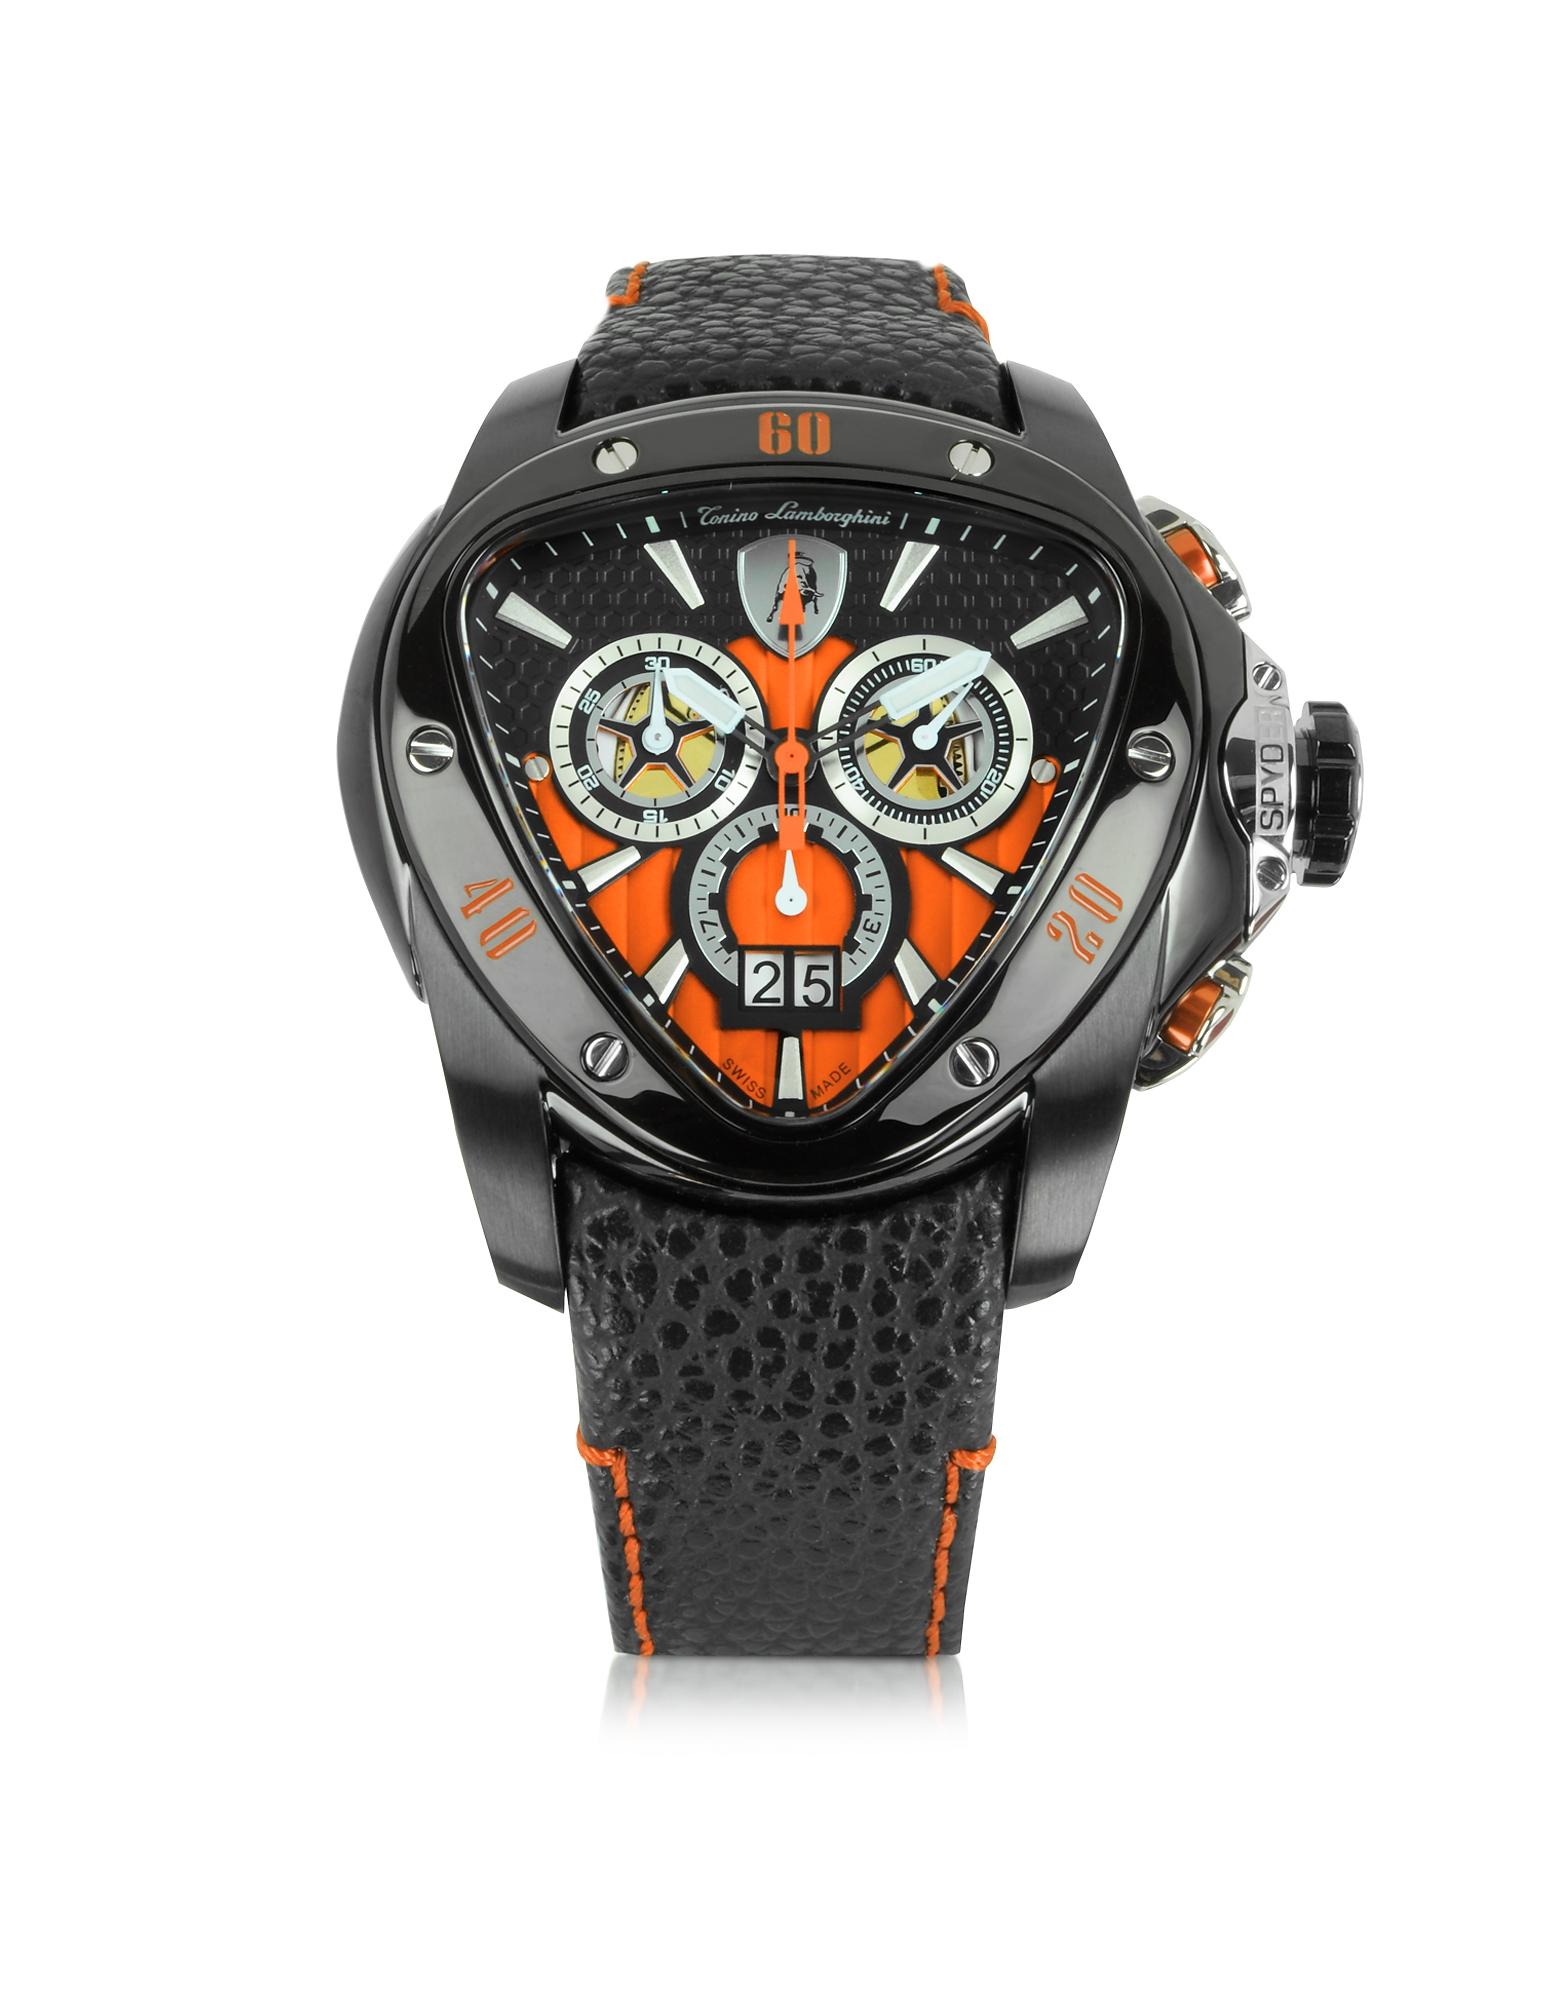 Spyder - Черные Часы Хронограф из Нержавеющей Стали с Оранжевым Циферблатом